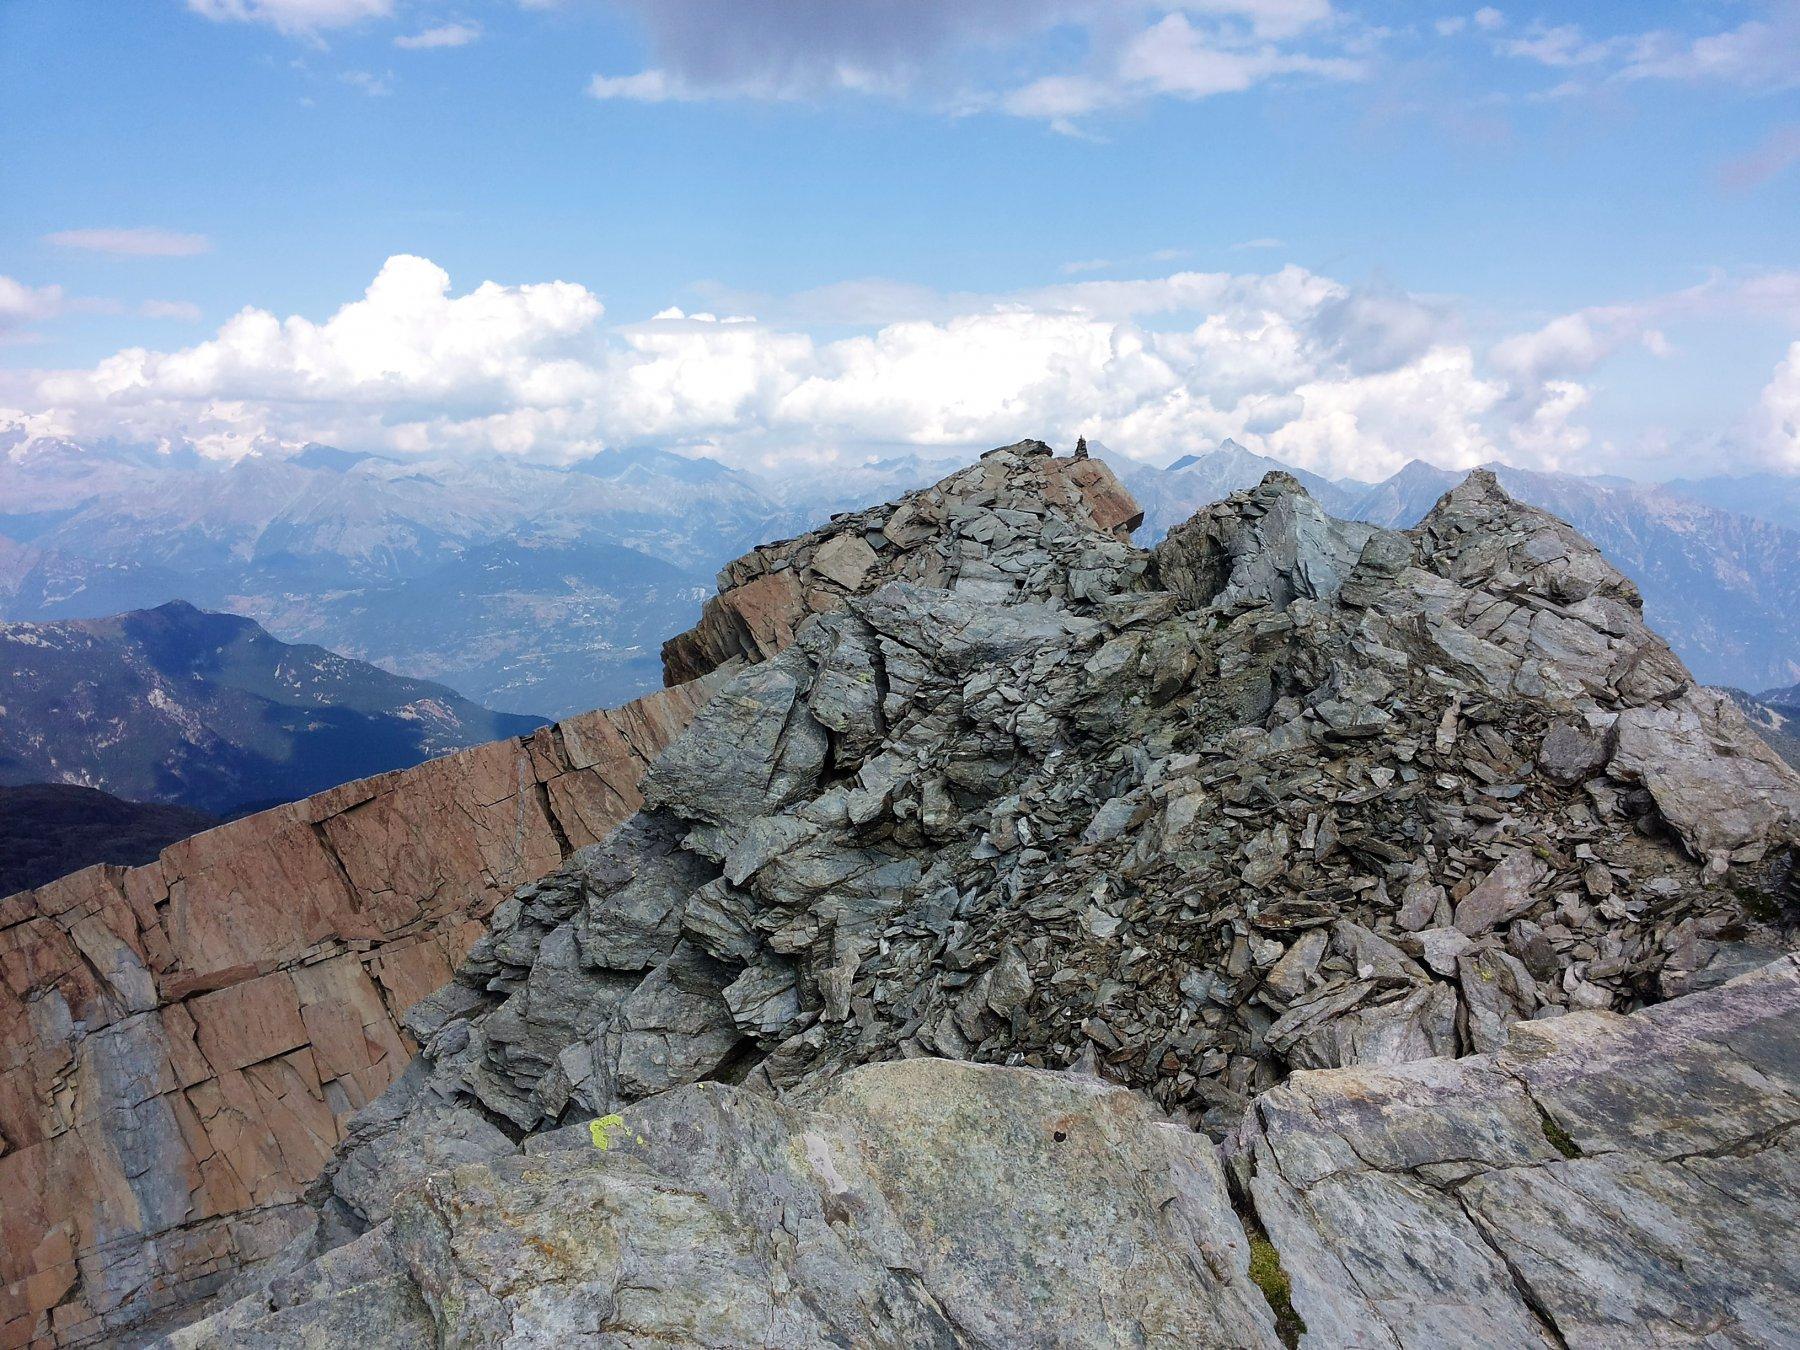 la linea di cresta, panoramica e un po' sfaldata